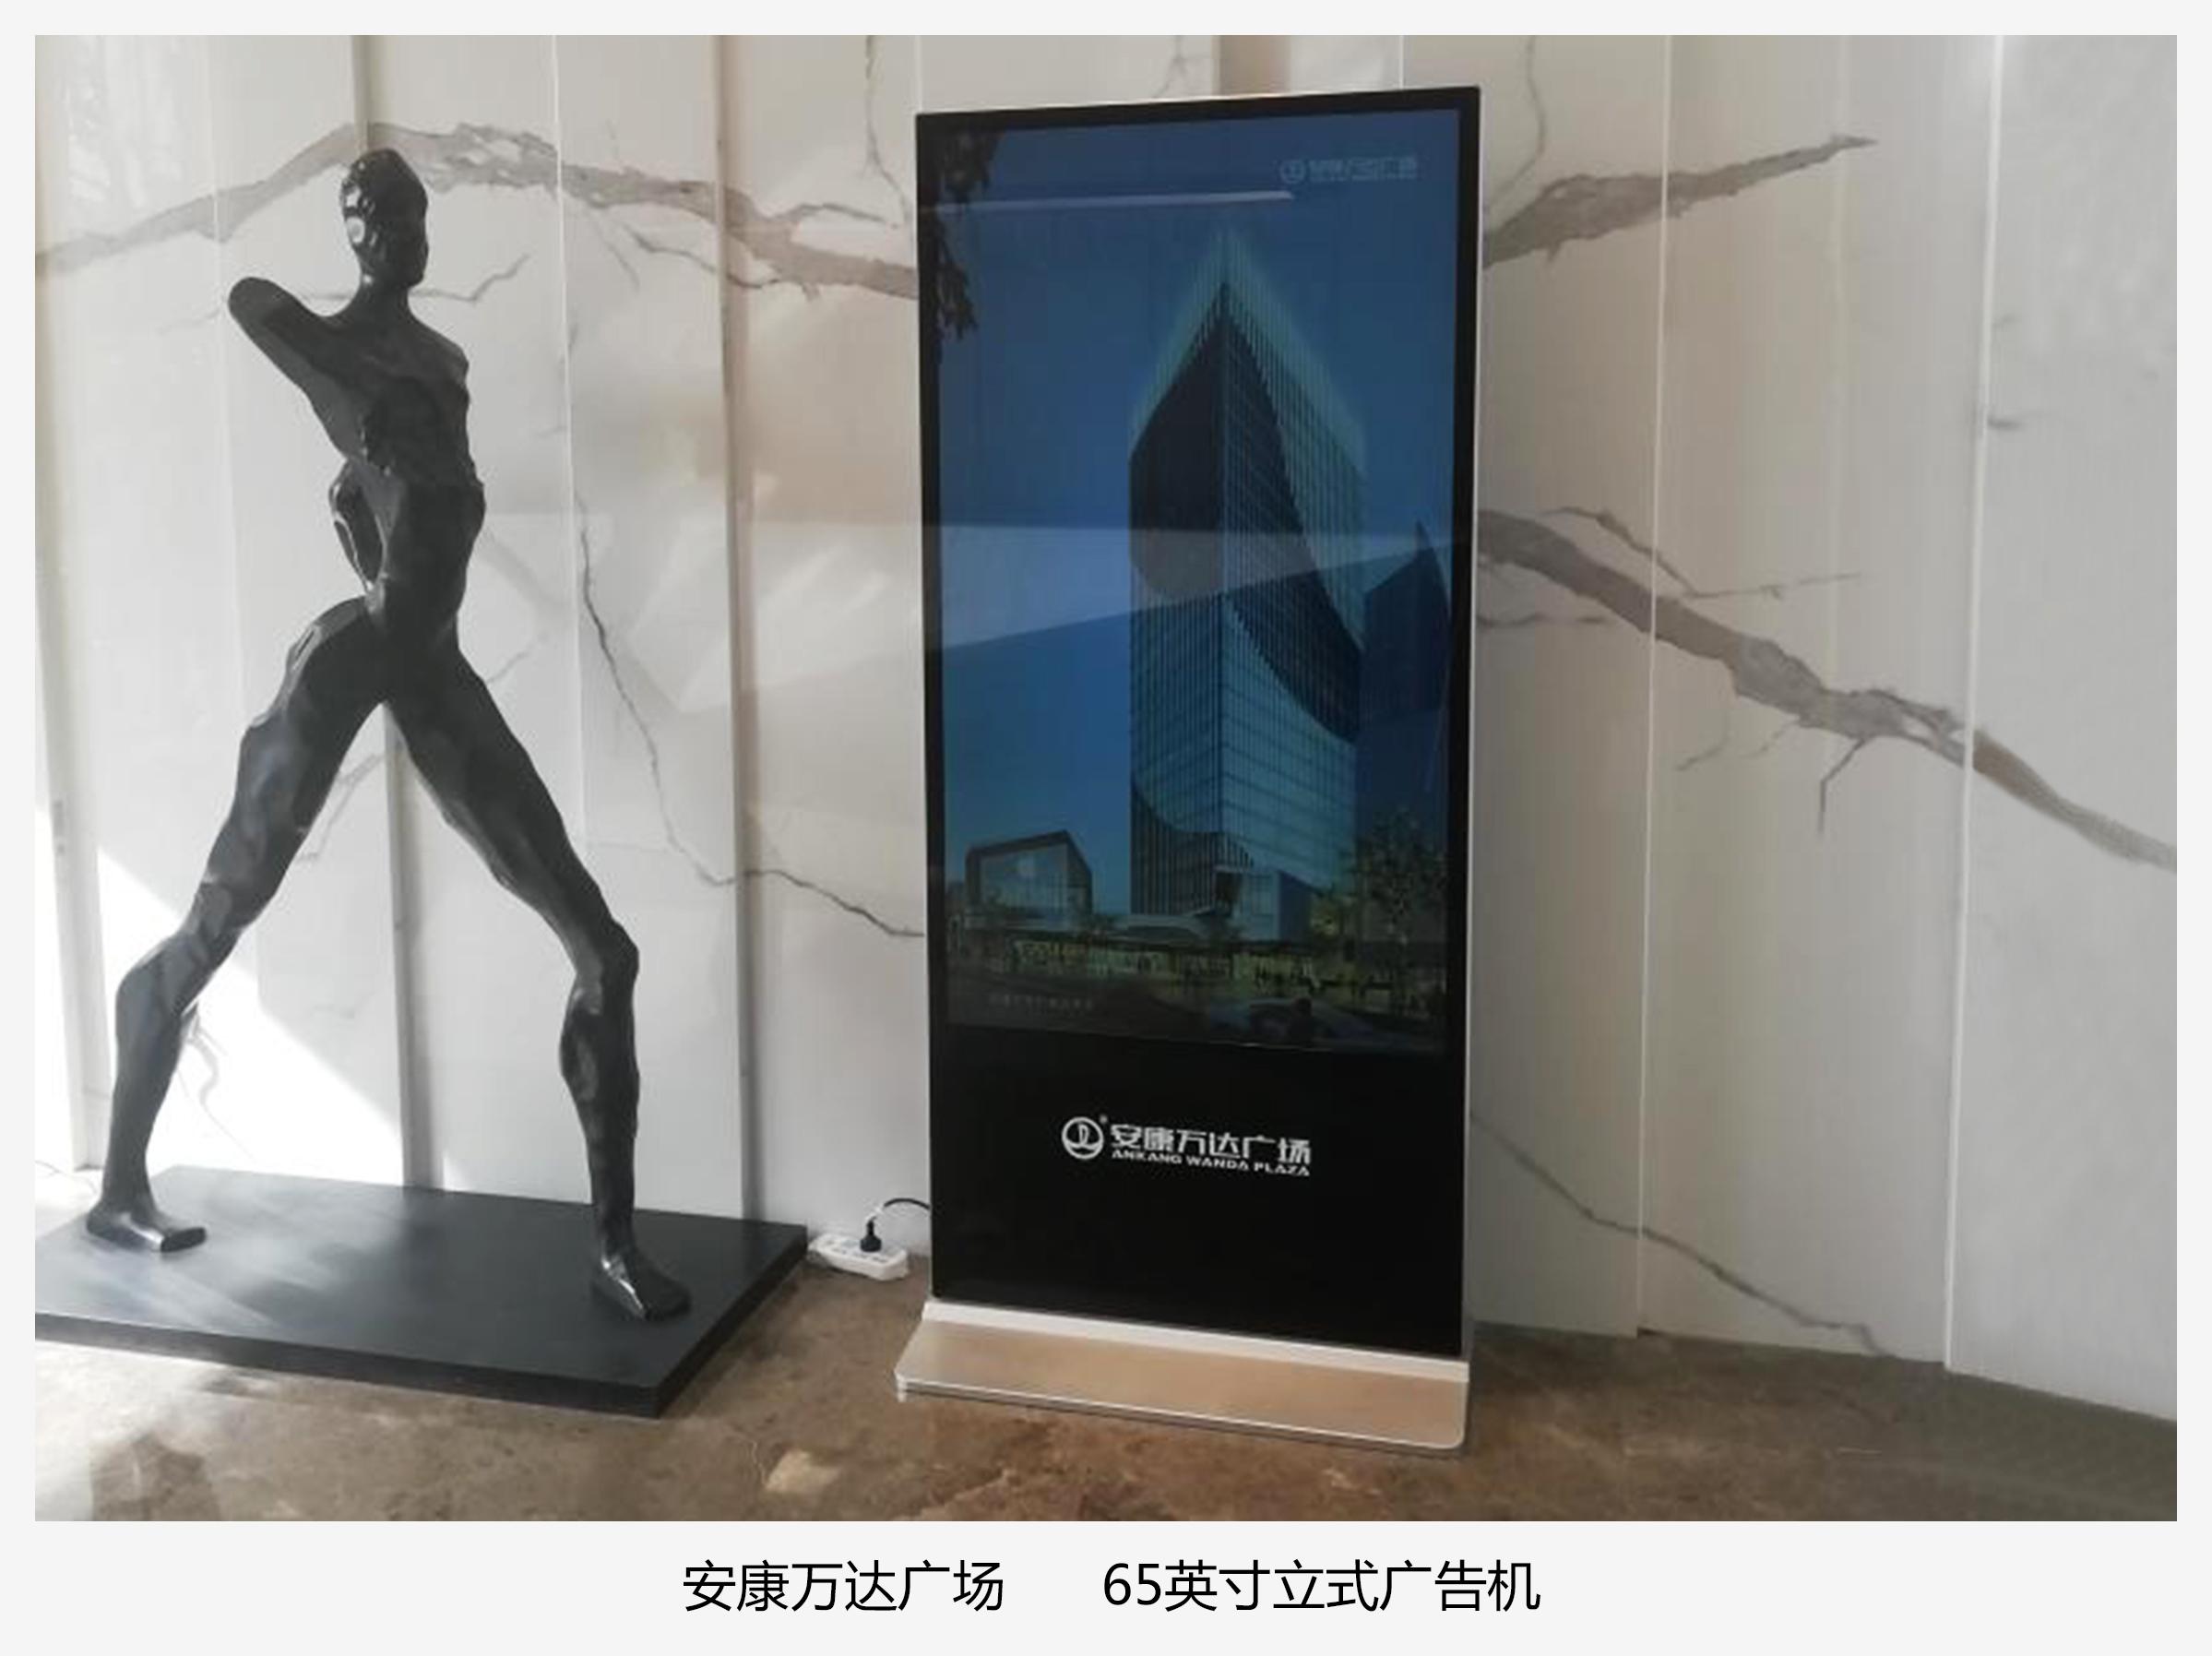 安康万达广场广告多媒体展示系统部署西安蓝讯触摸广告机设备